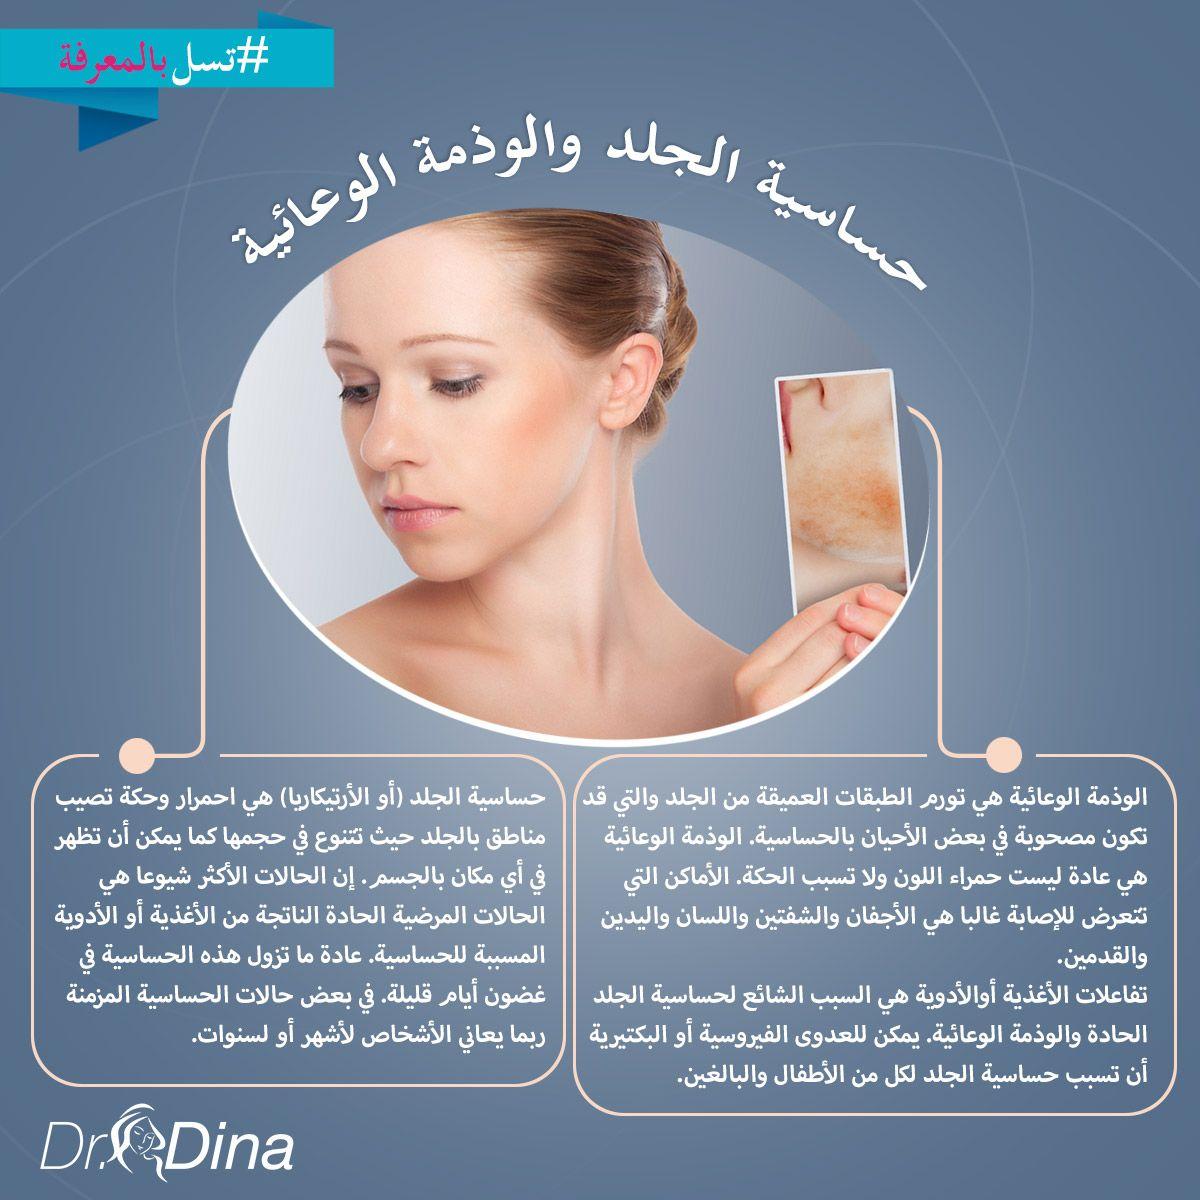 تسلح بالمعرفة هنا لمحة عن أمراض الجلد حساسية الجلد والوذمة الوعائية إذا كنت تعتقد بأنك تعاني من واحدة من هذه المشاكل Knowledge Is Power Knowledge Power